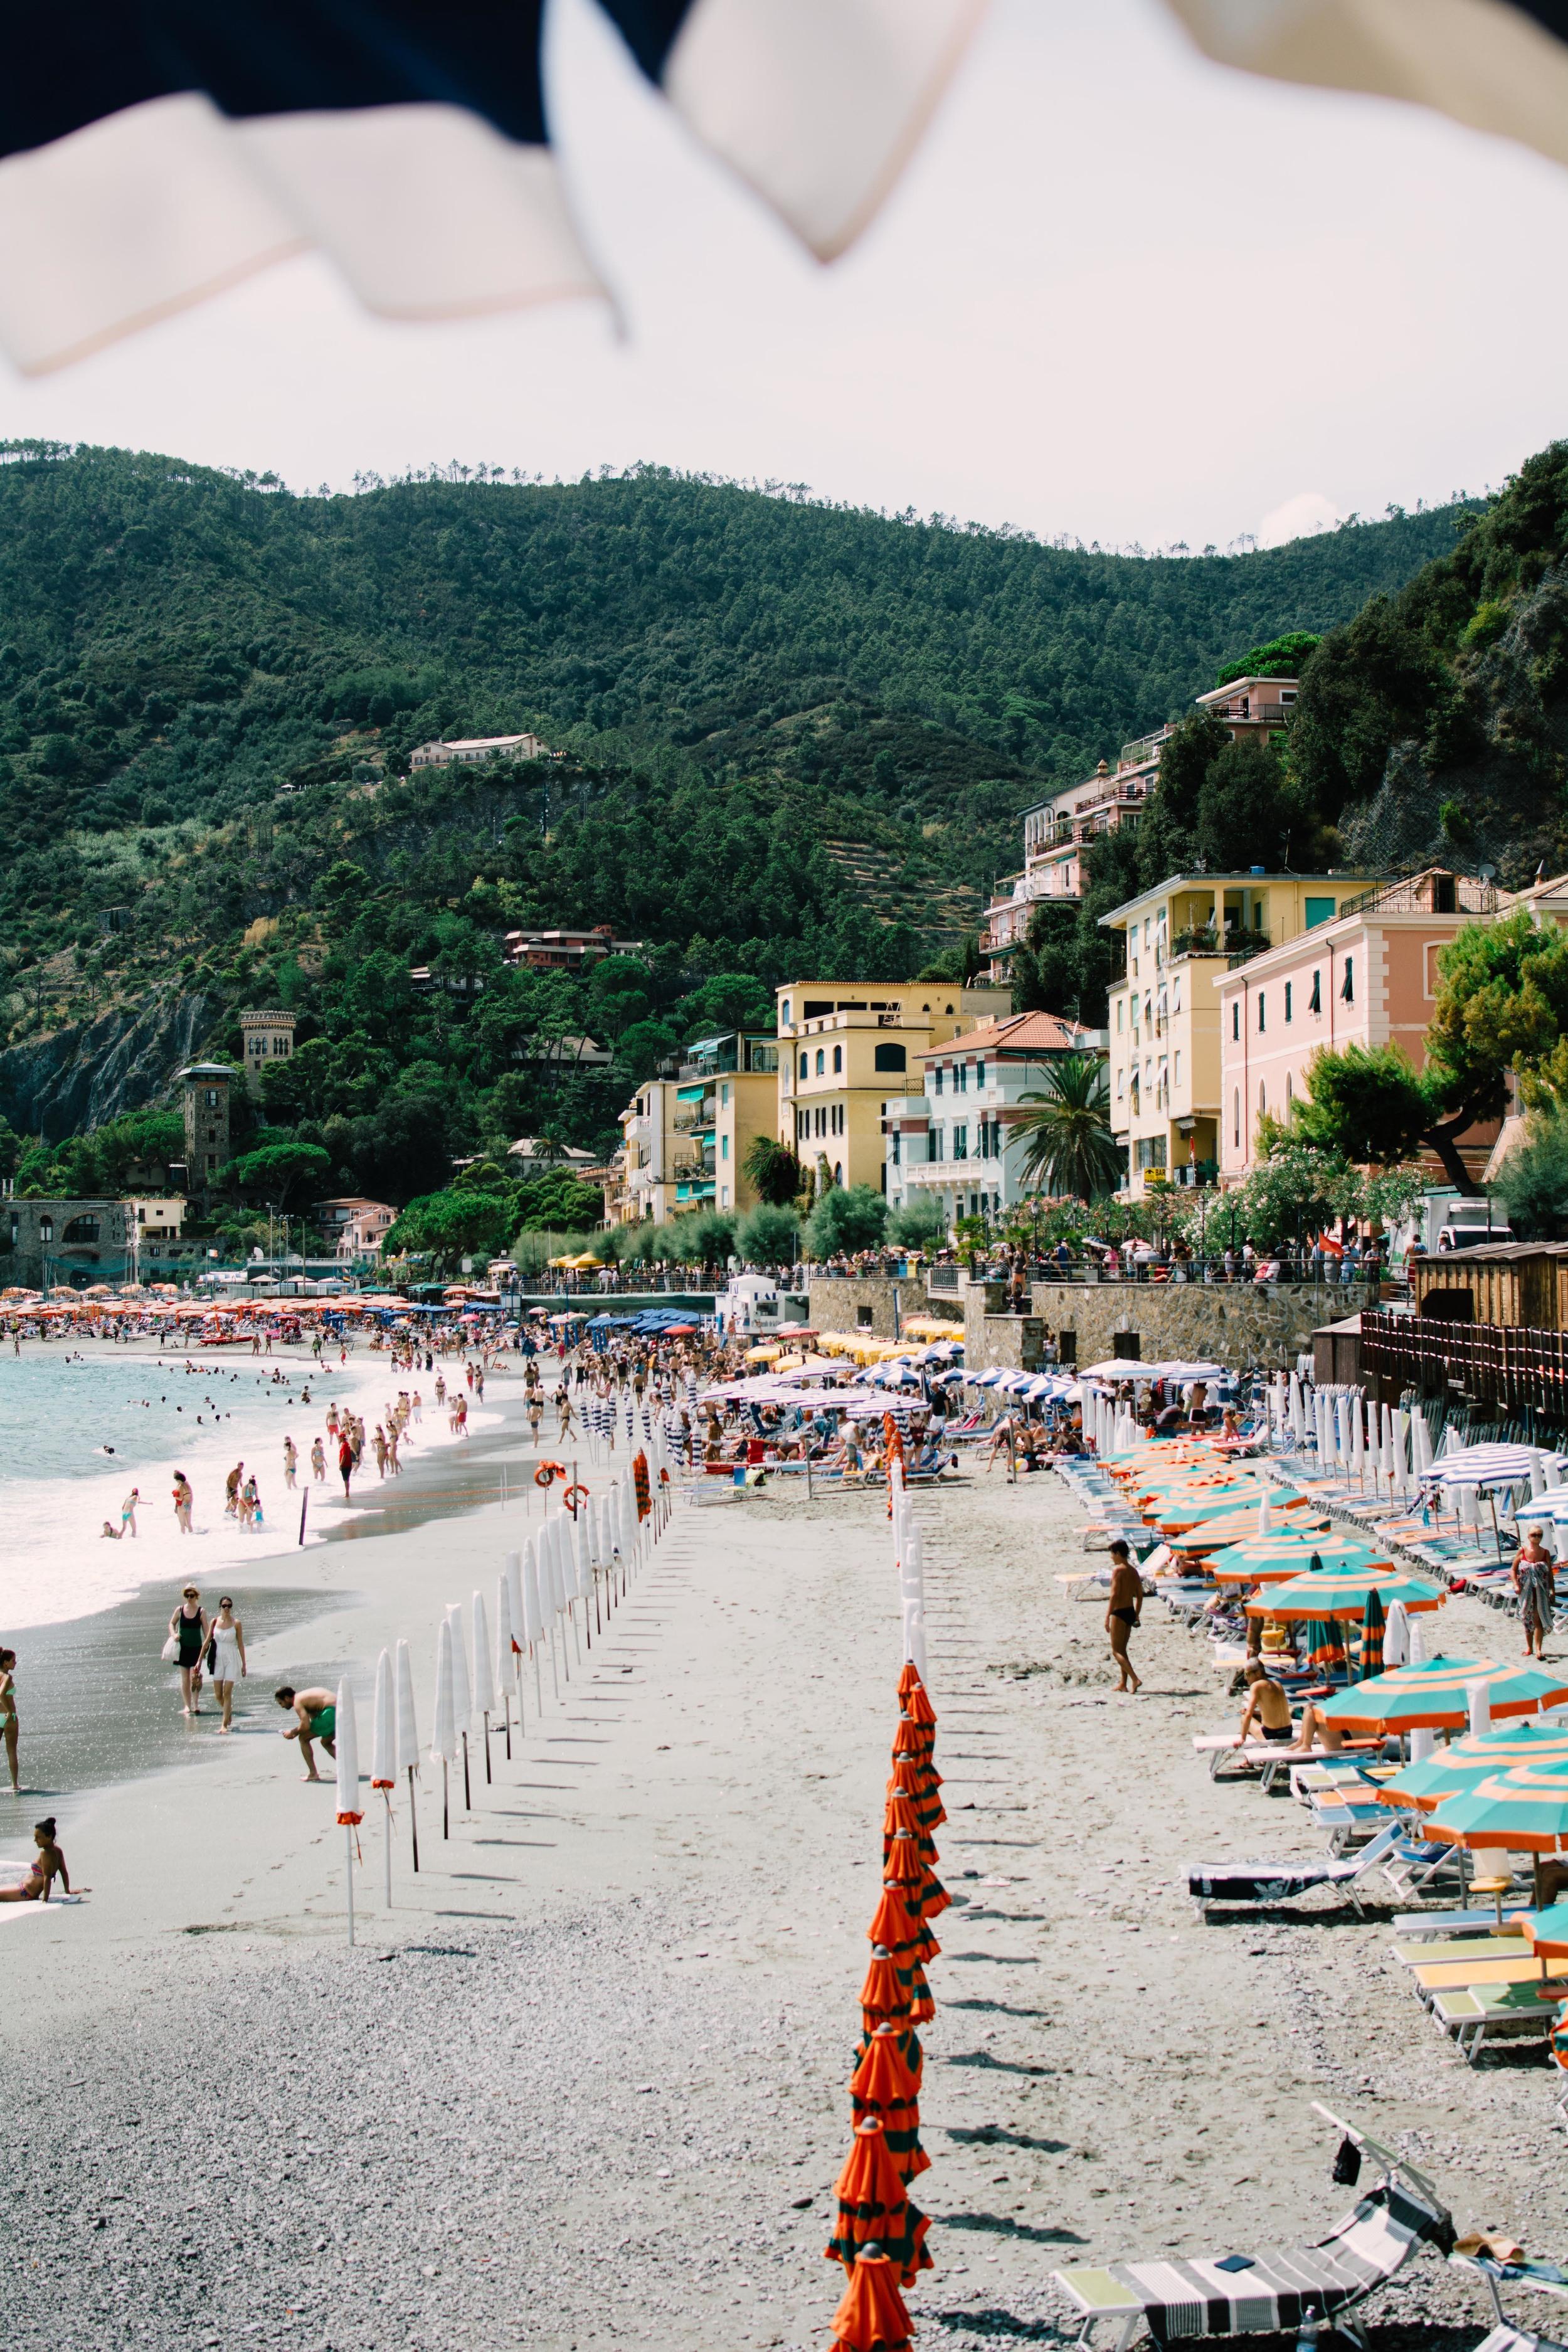 italia-02781115.jpg